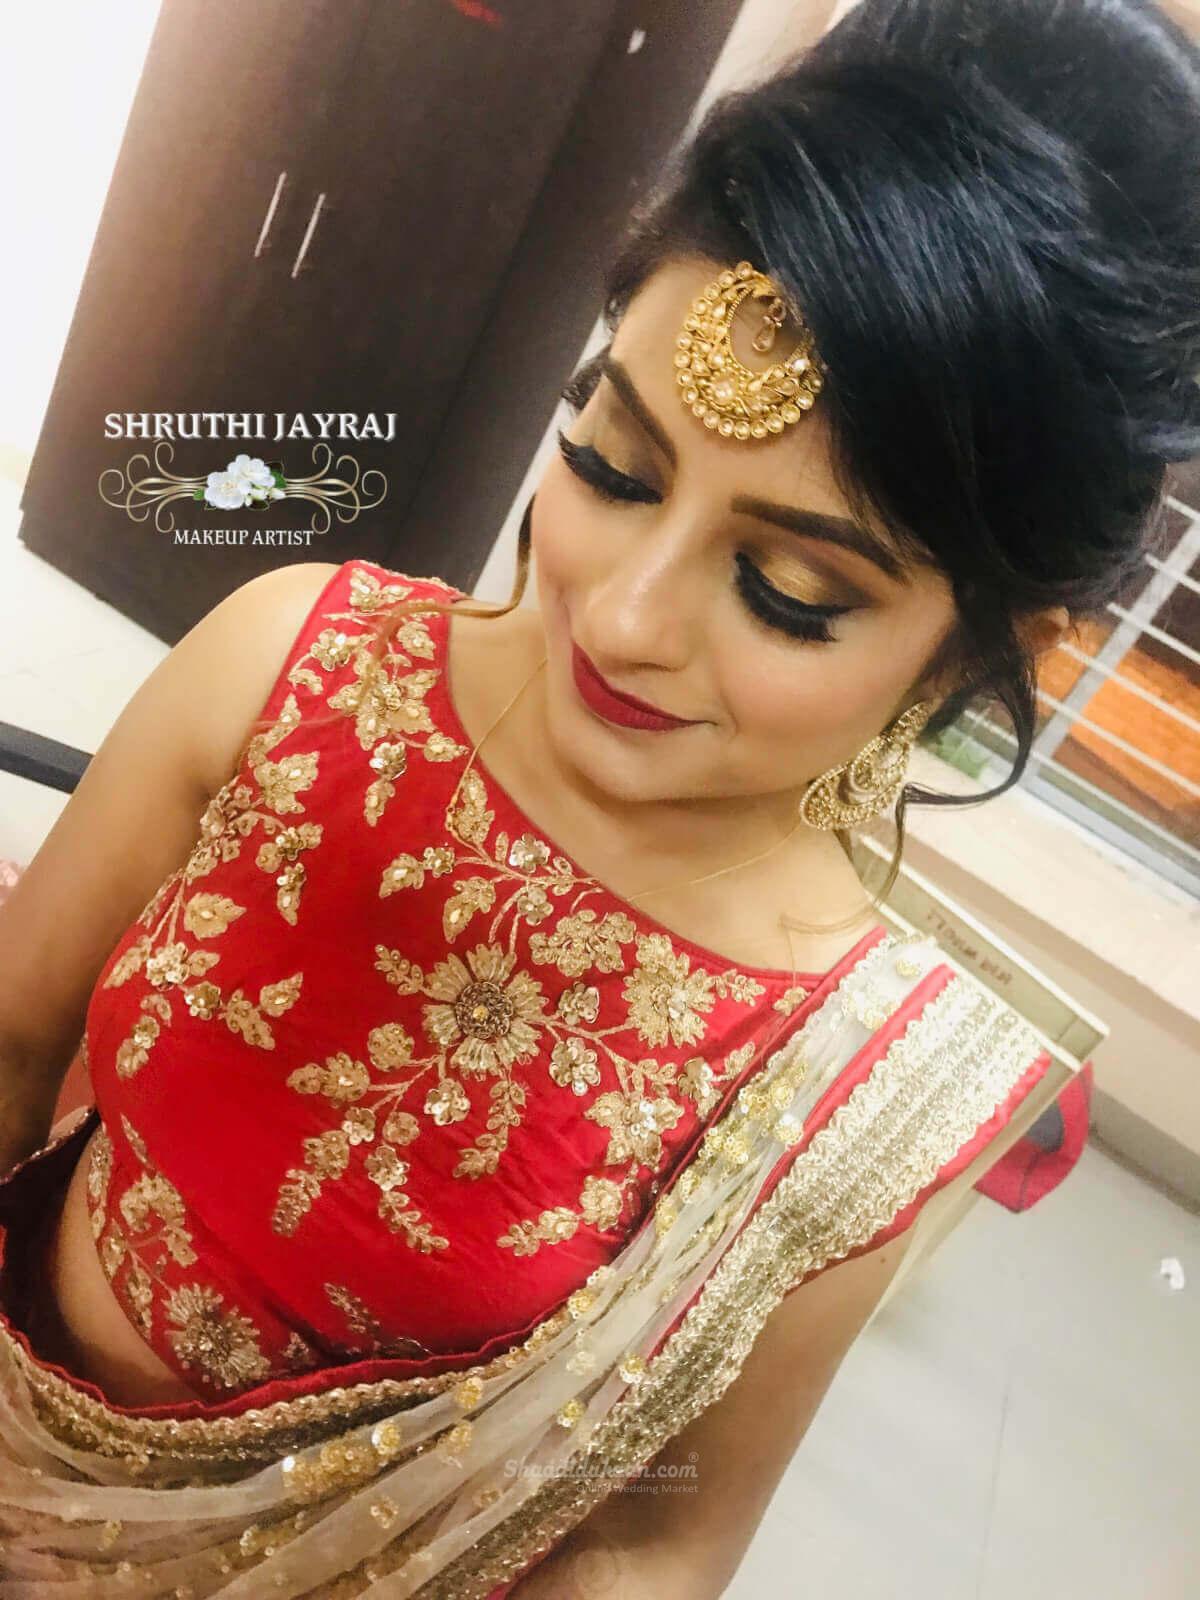 Art Makeup By Shruthi Jayraj